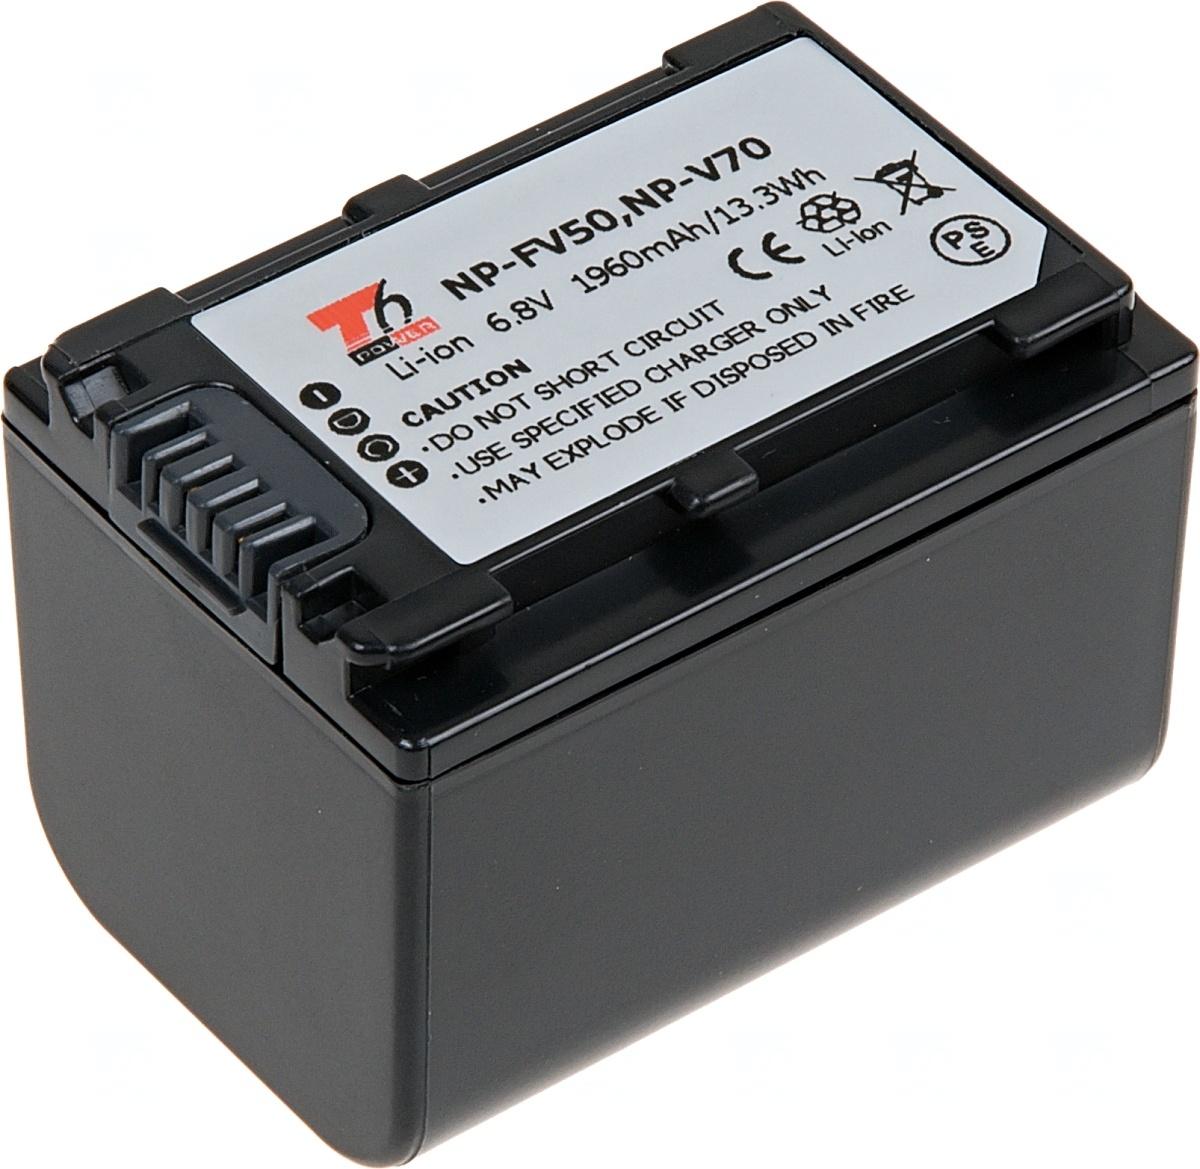 Baterie T6 power Sony NP-FV70, 1960mAh, šedá (Baterie a gripy)